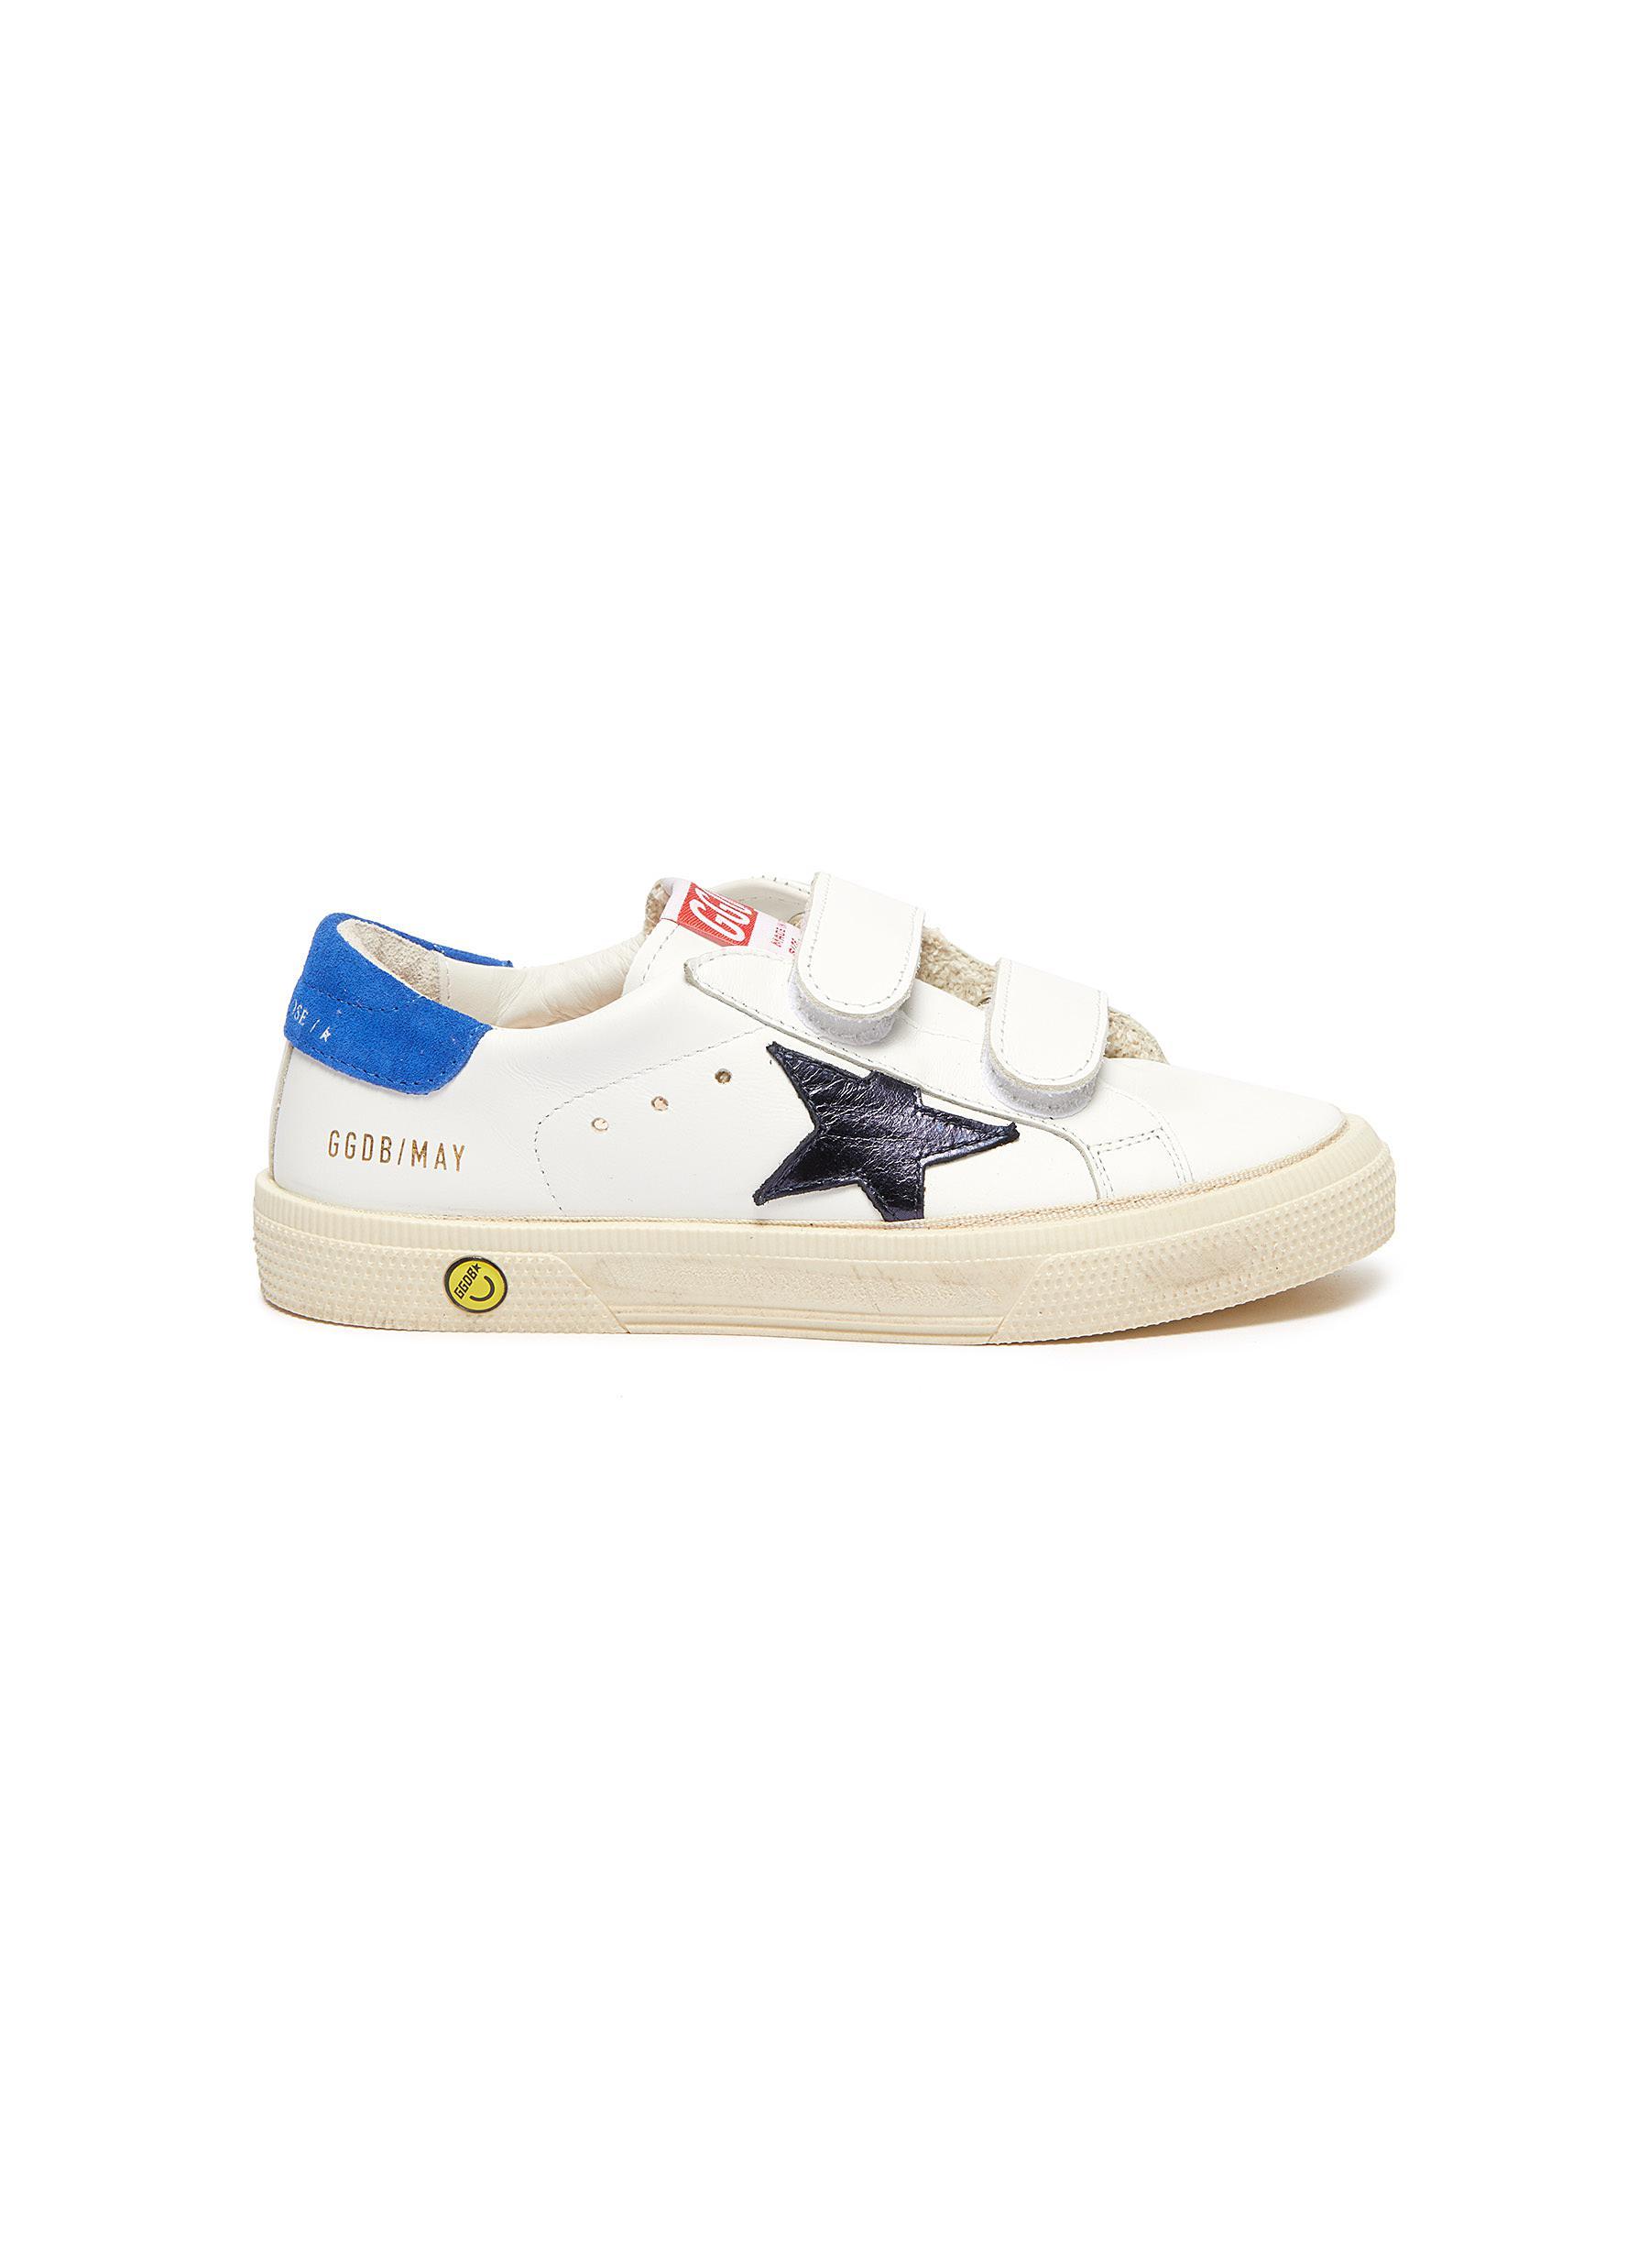 'May School' Contrast Star Motif Heel Tab Leather Kids Sneakers